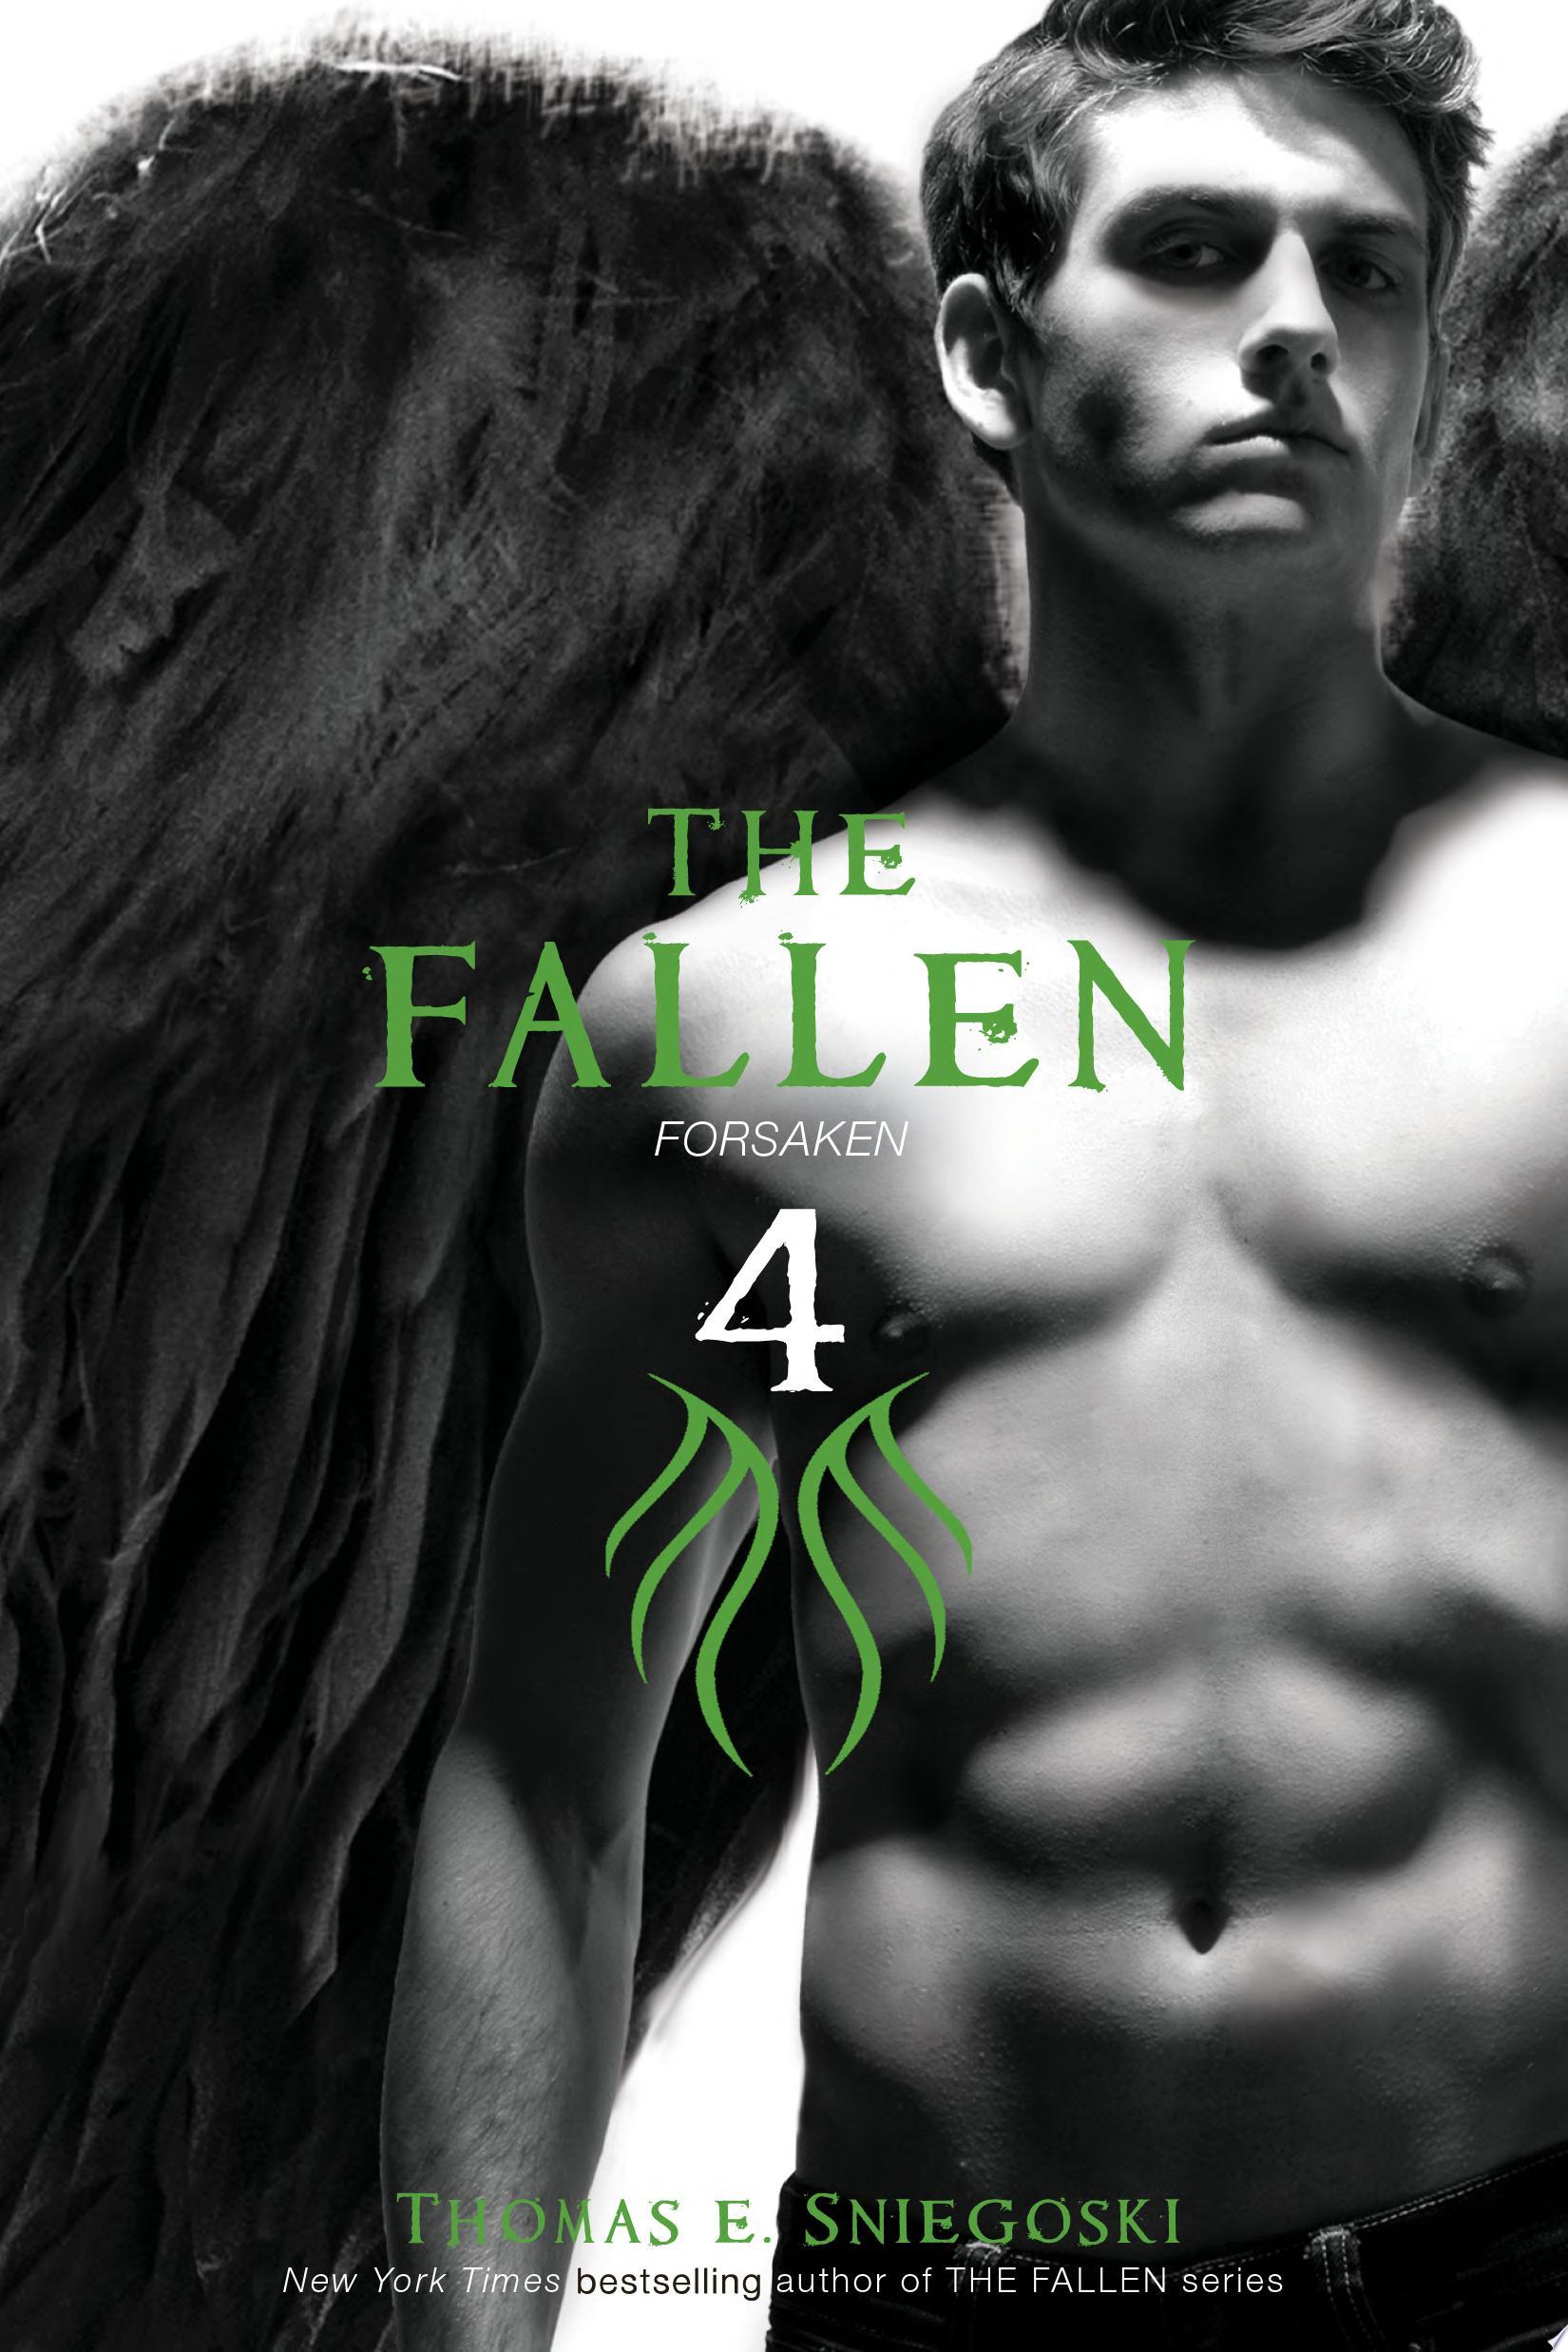 The Fallen 4